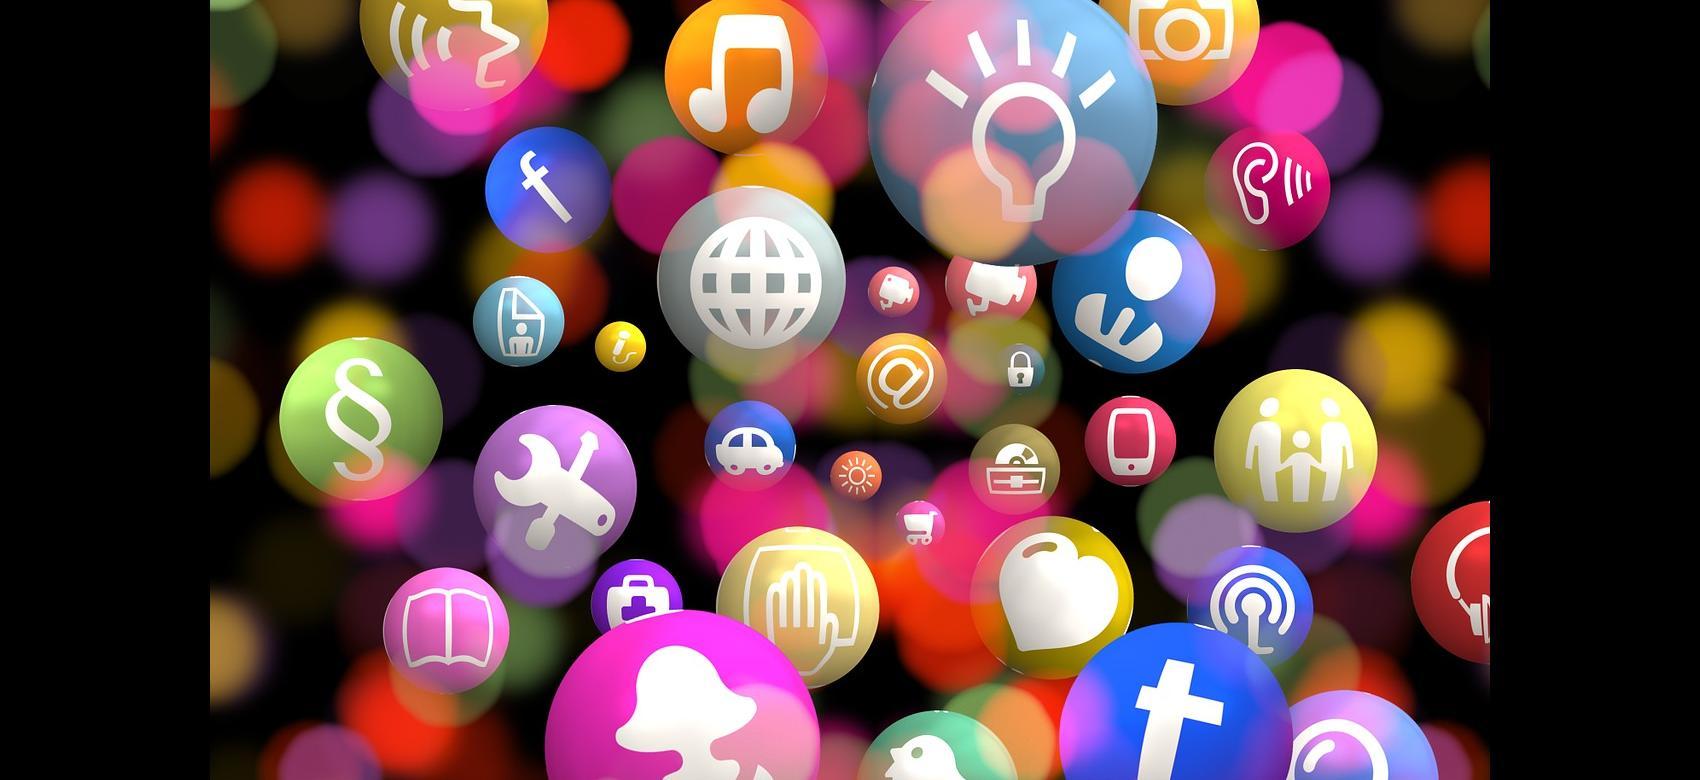 Imagen de bolas de colores con dibujos